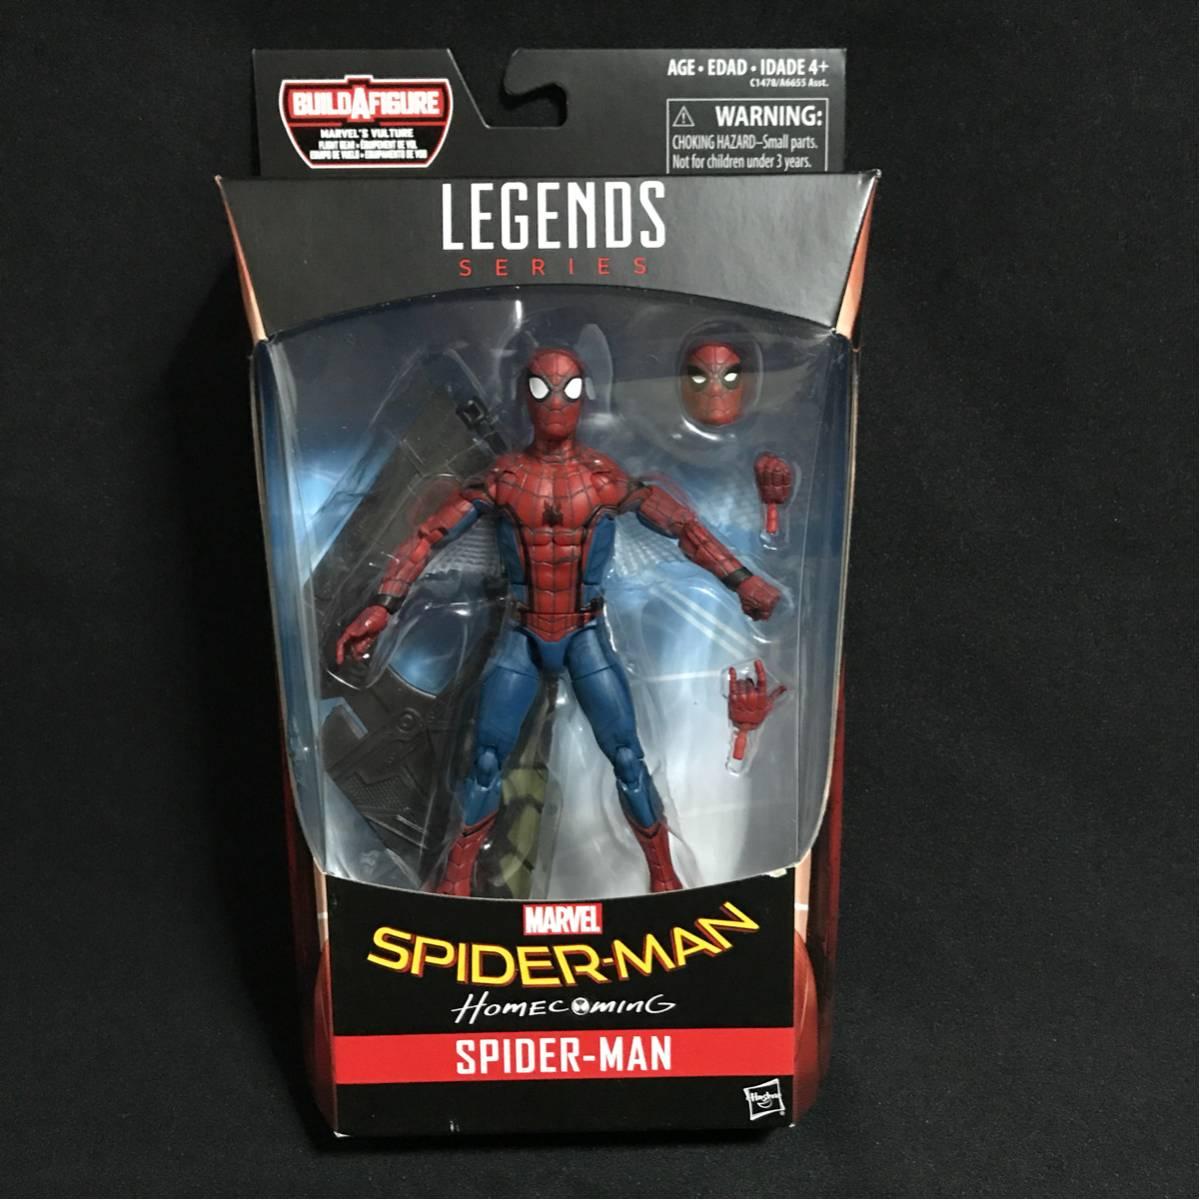 マーベルレジェンド ホームカミング スパイダーマン グッズの画像